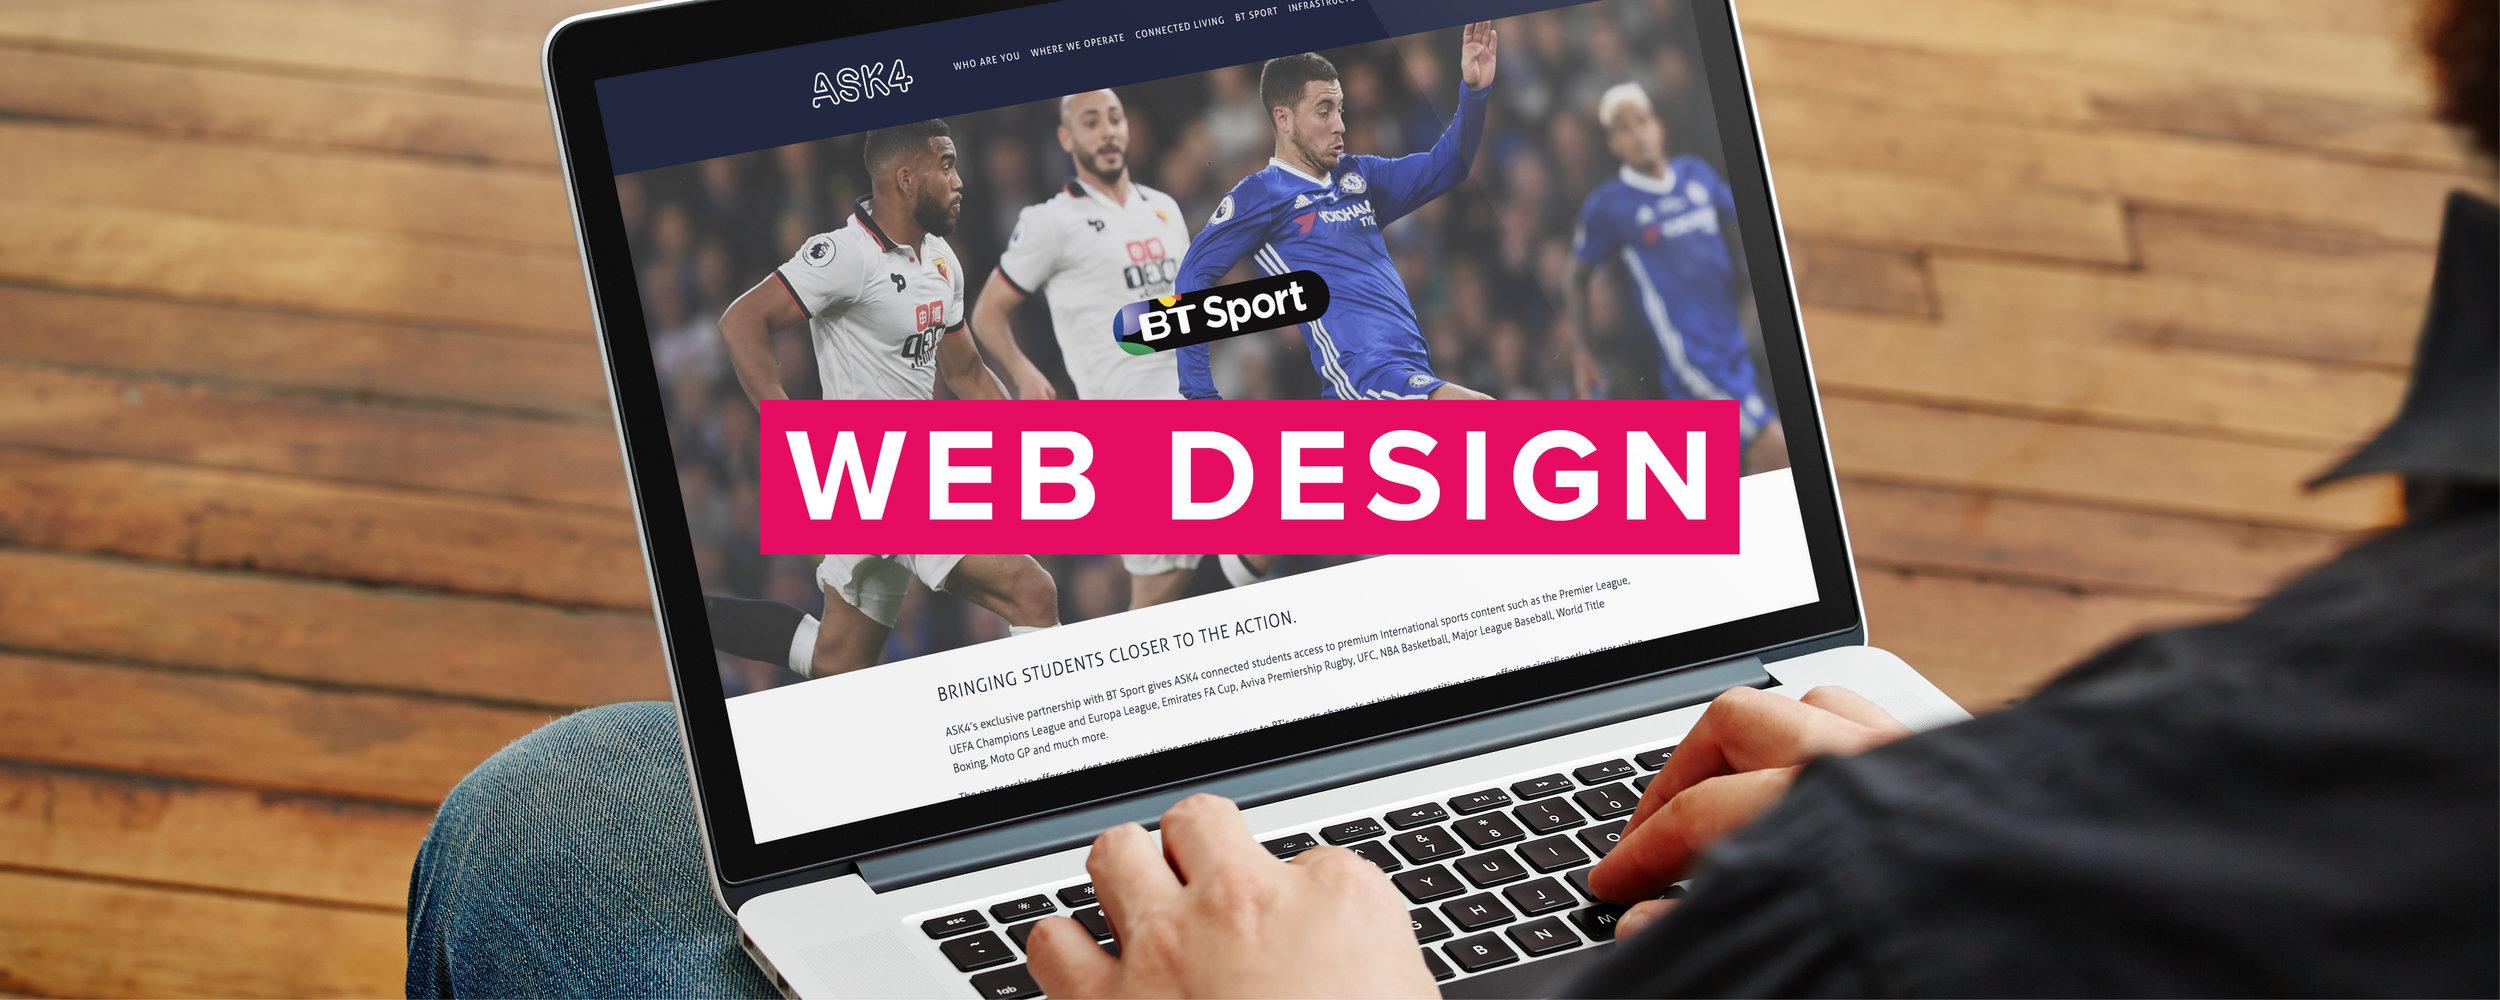 1000 x 400 Homepage Images8.jpg